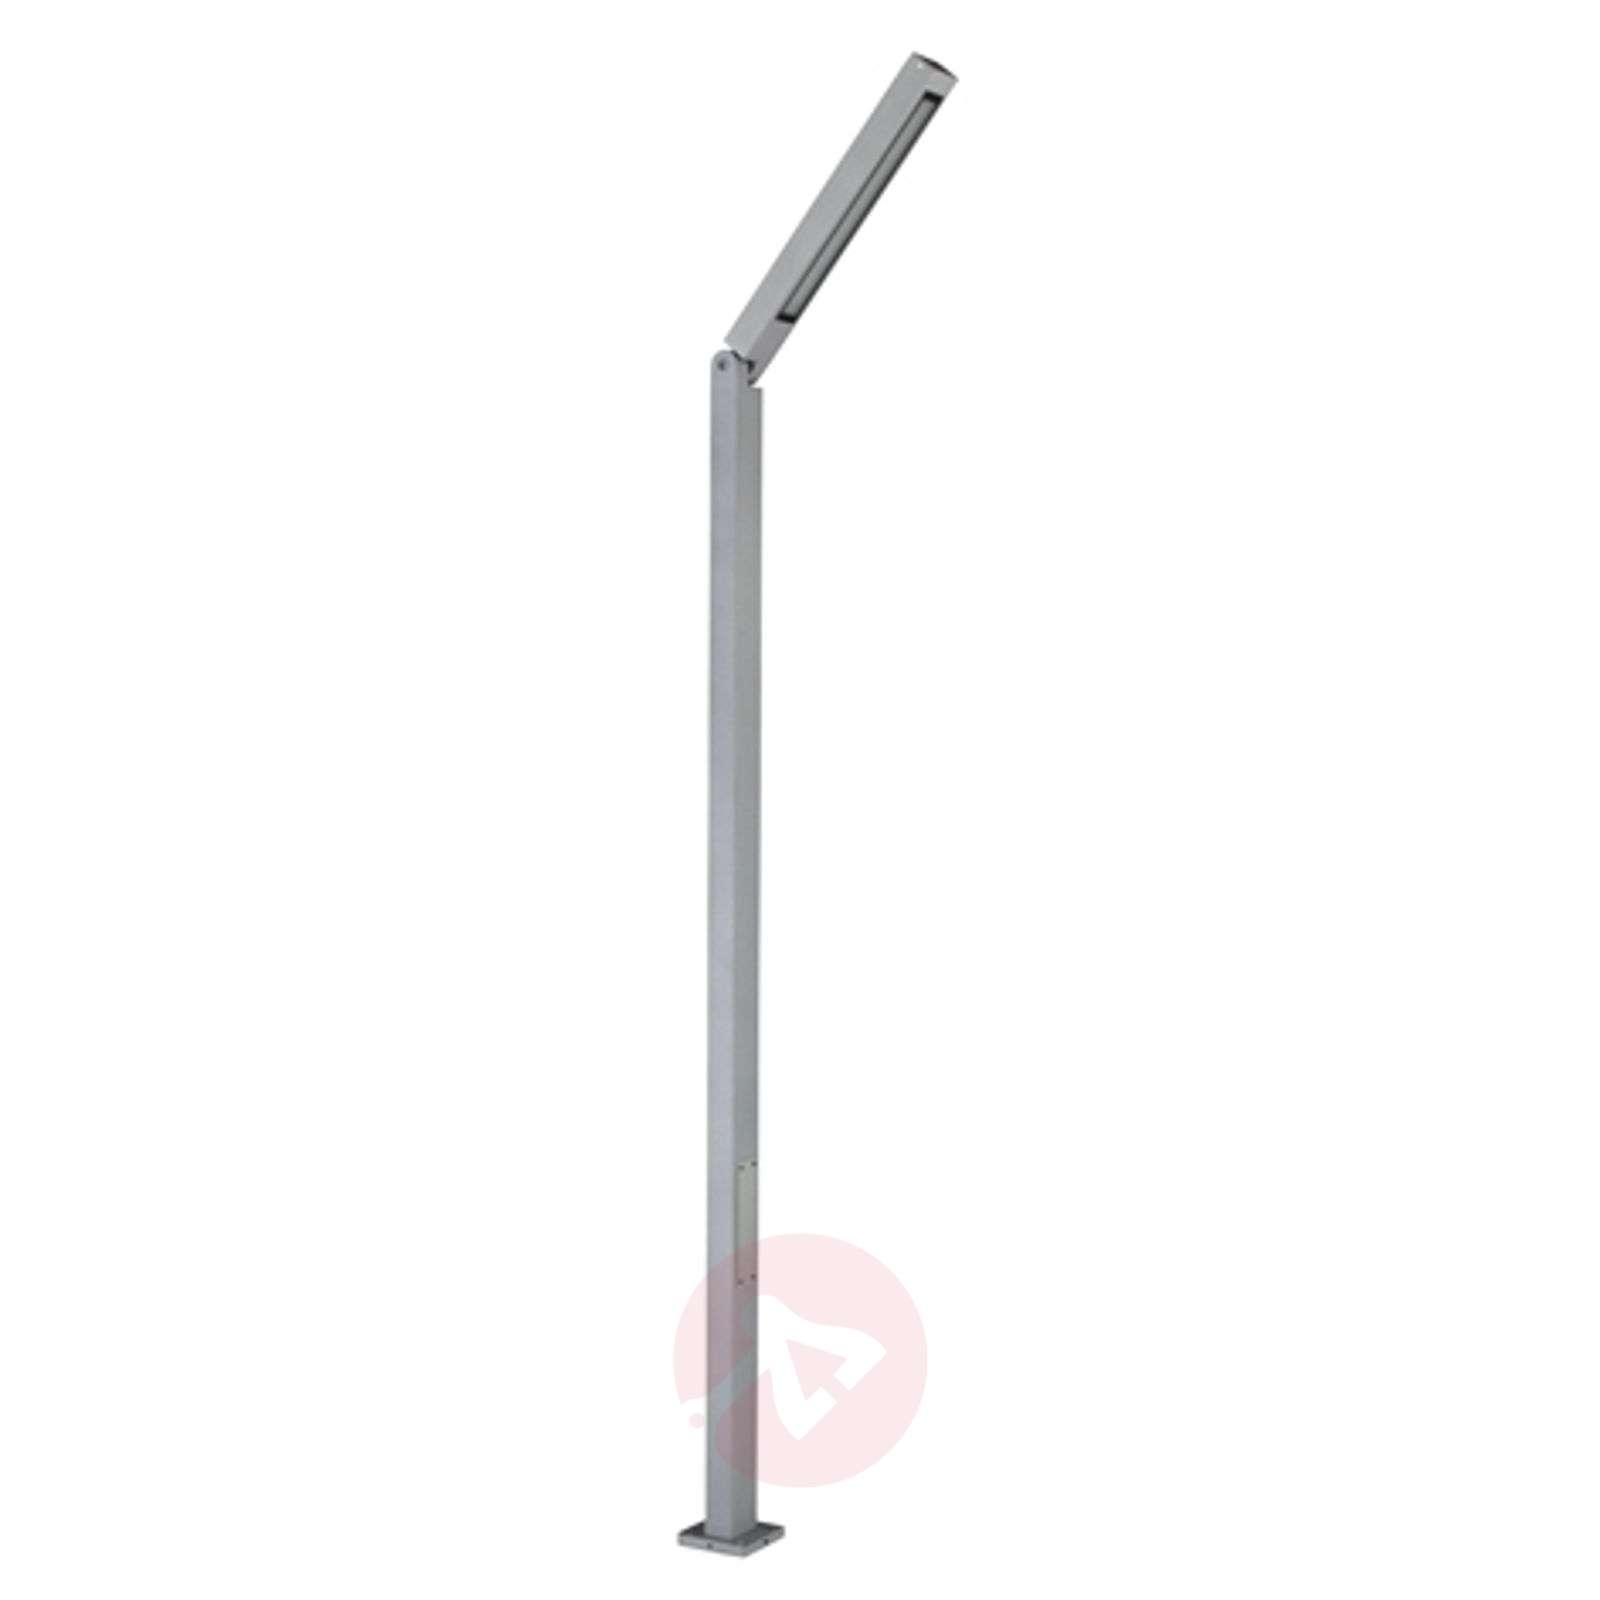 Kääntyvä Tiogo-power-LED-lyhtypylväs-4001567X-01